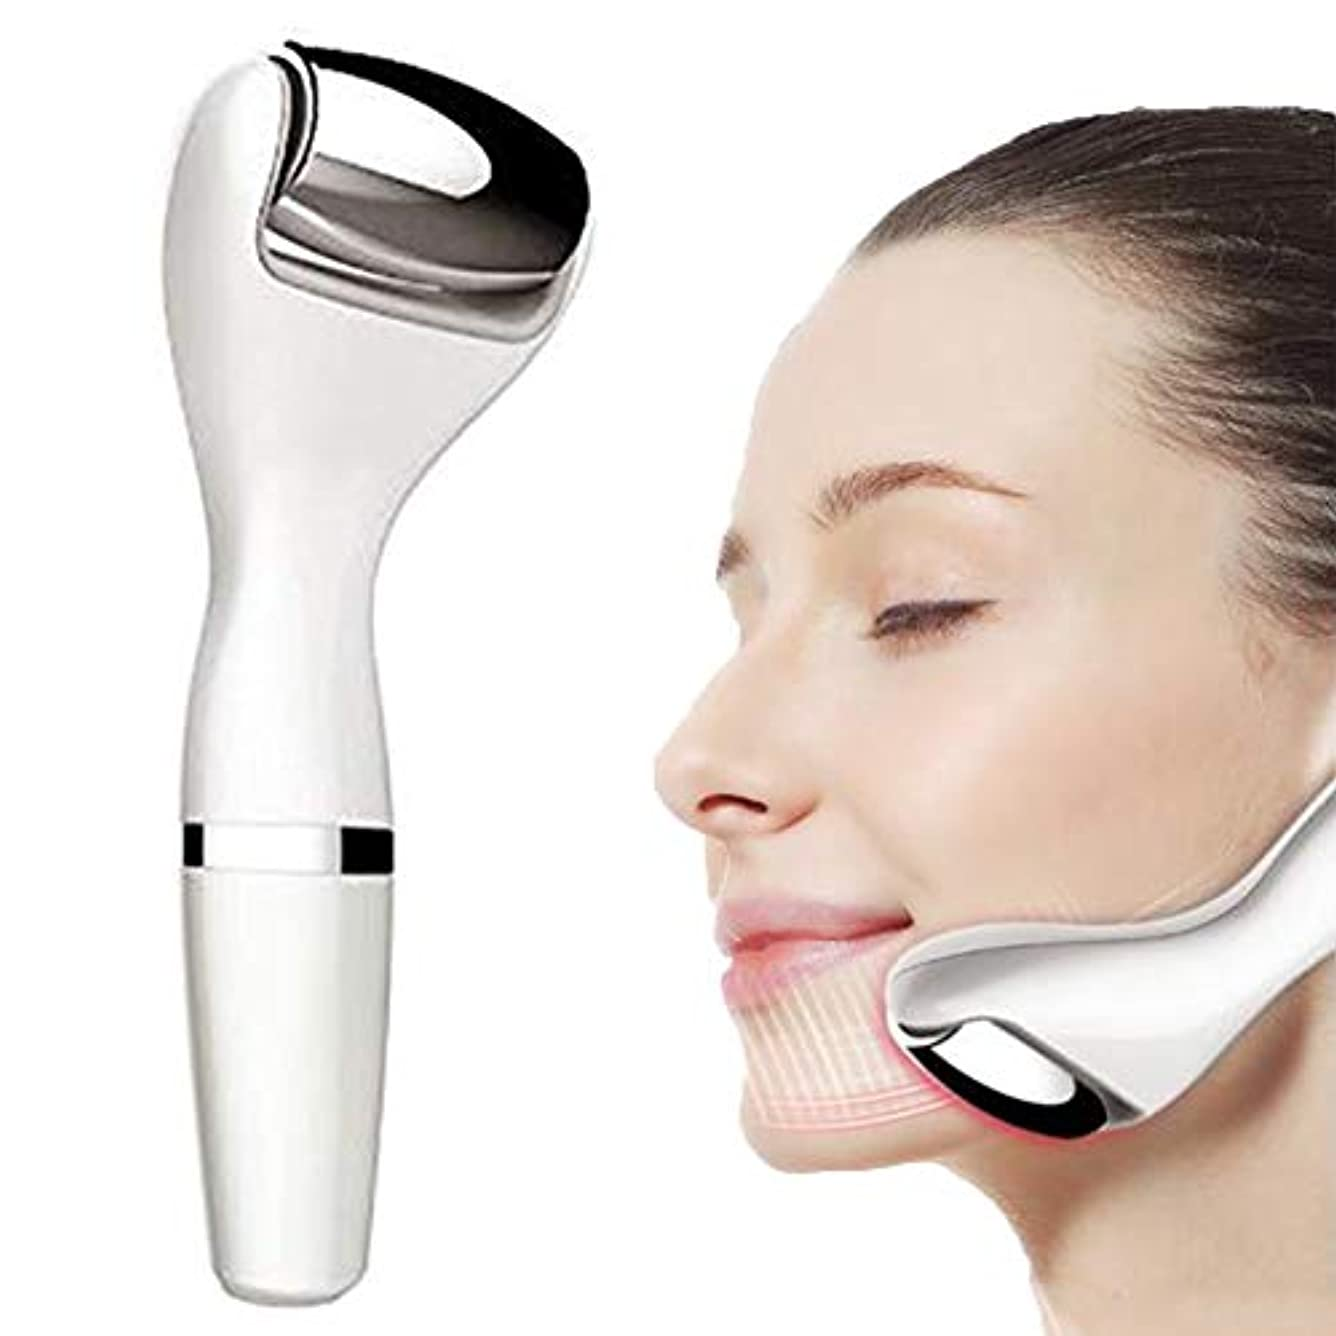 美容機器 - リフティングと引き締め美容機器マイクロ電流細い線の軽減家庭用顔インポートエッセンス振動マッサージ